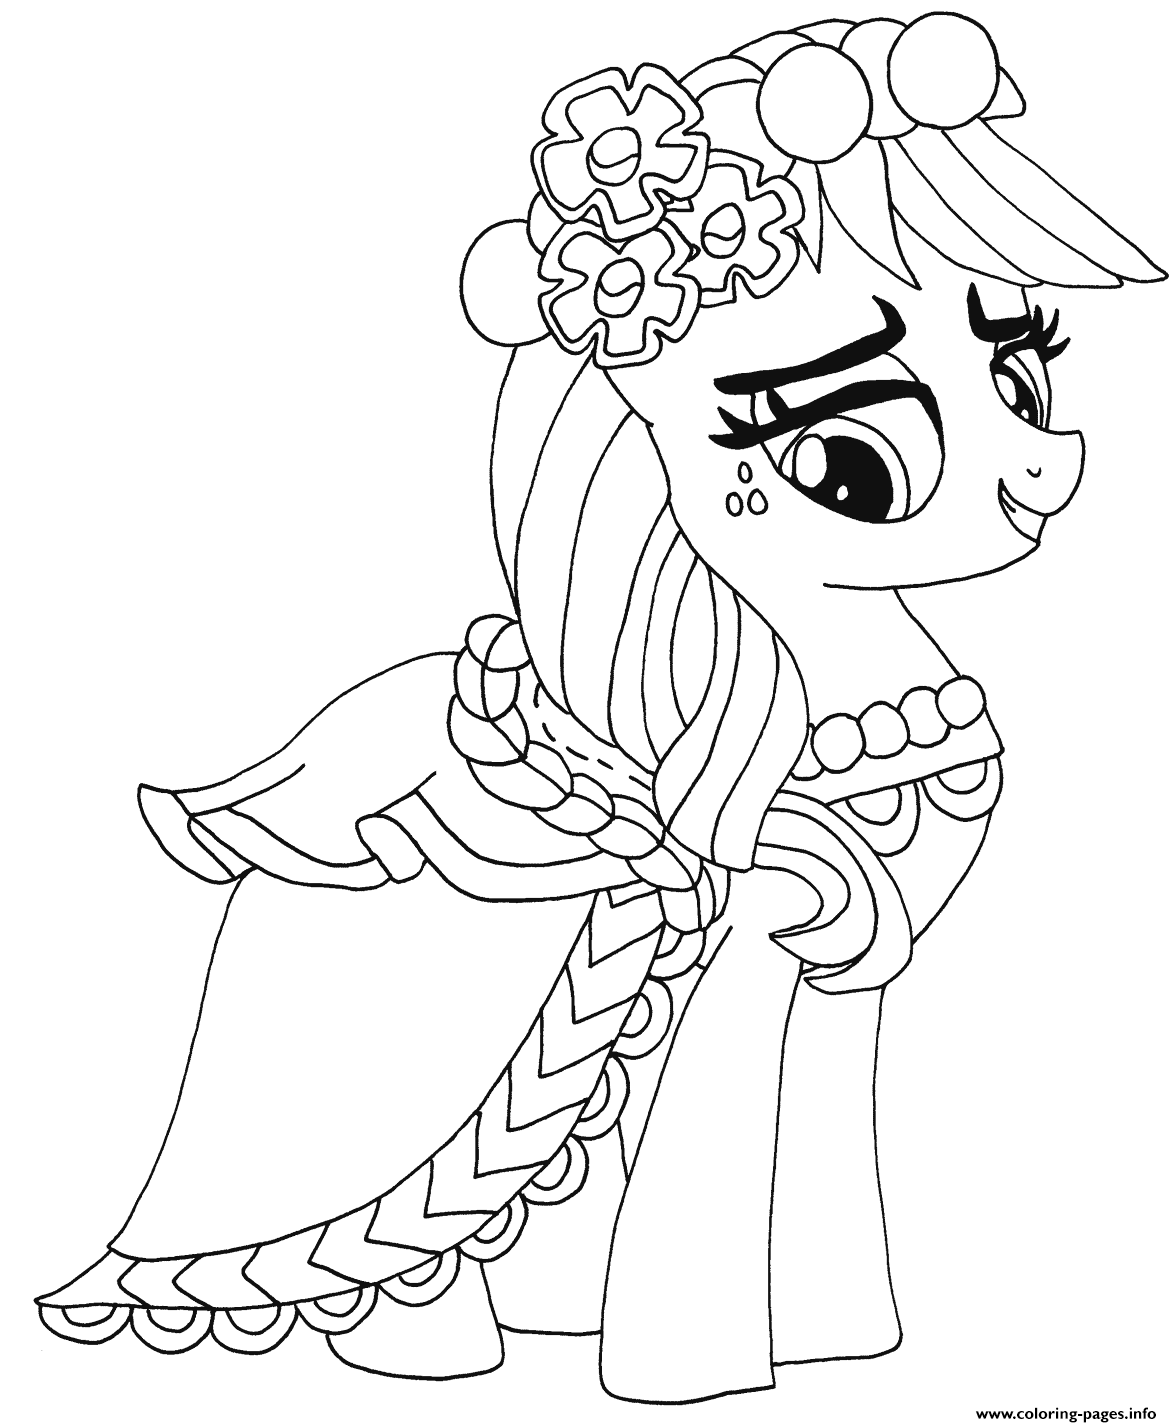 Applejack Applejack My Little Pony Coloring Pages Printable